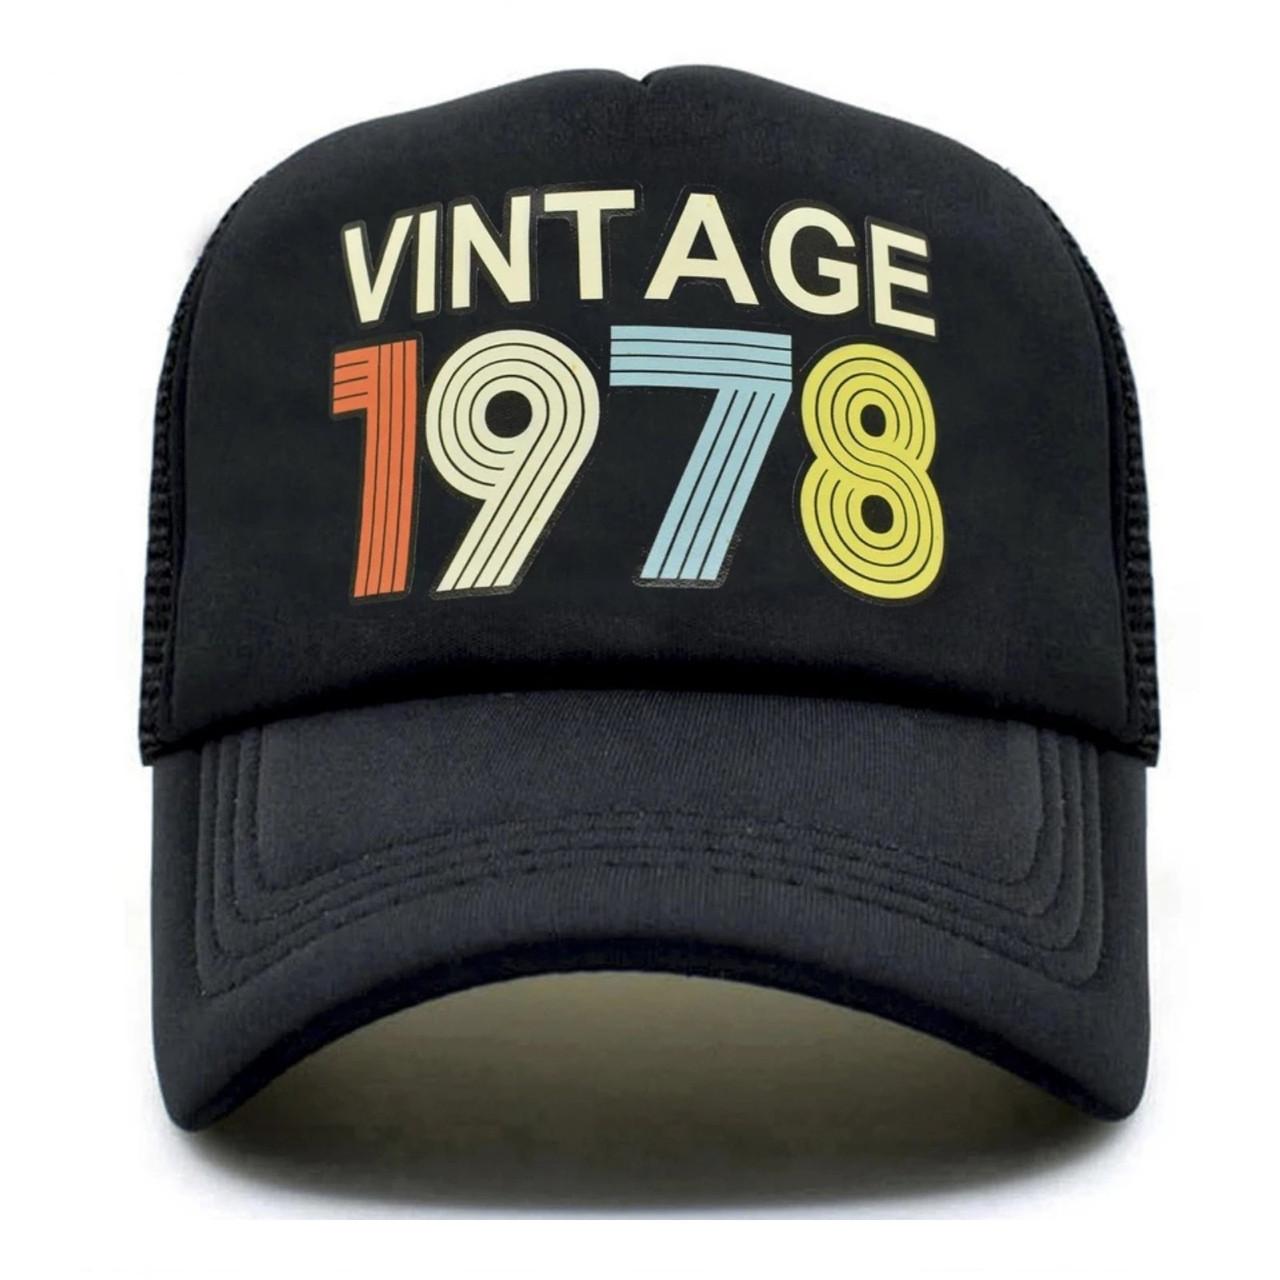 Кепка тракер Vintage 1978 с сеточкой 2, Унисекс